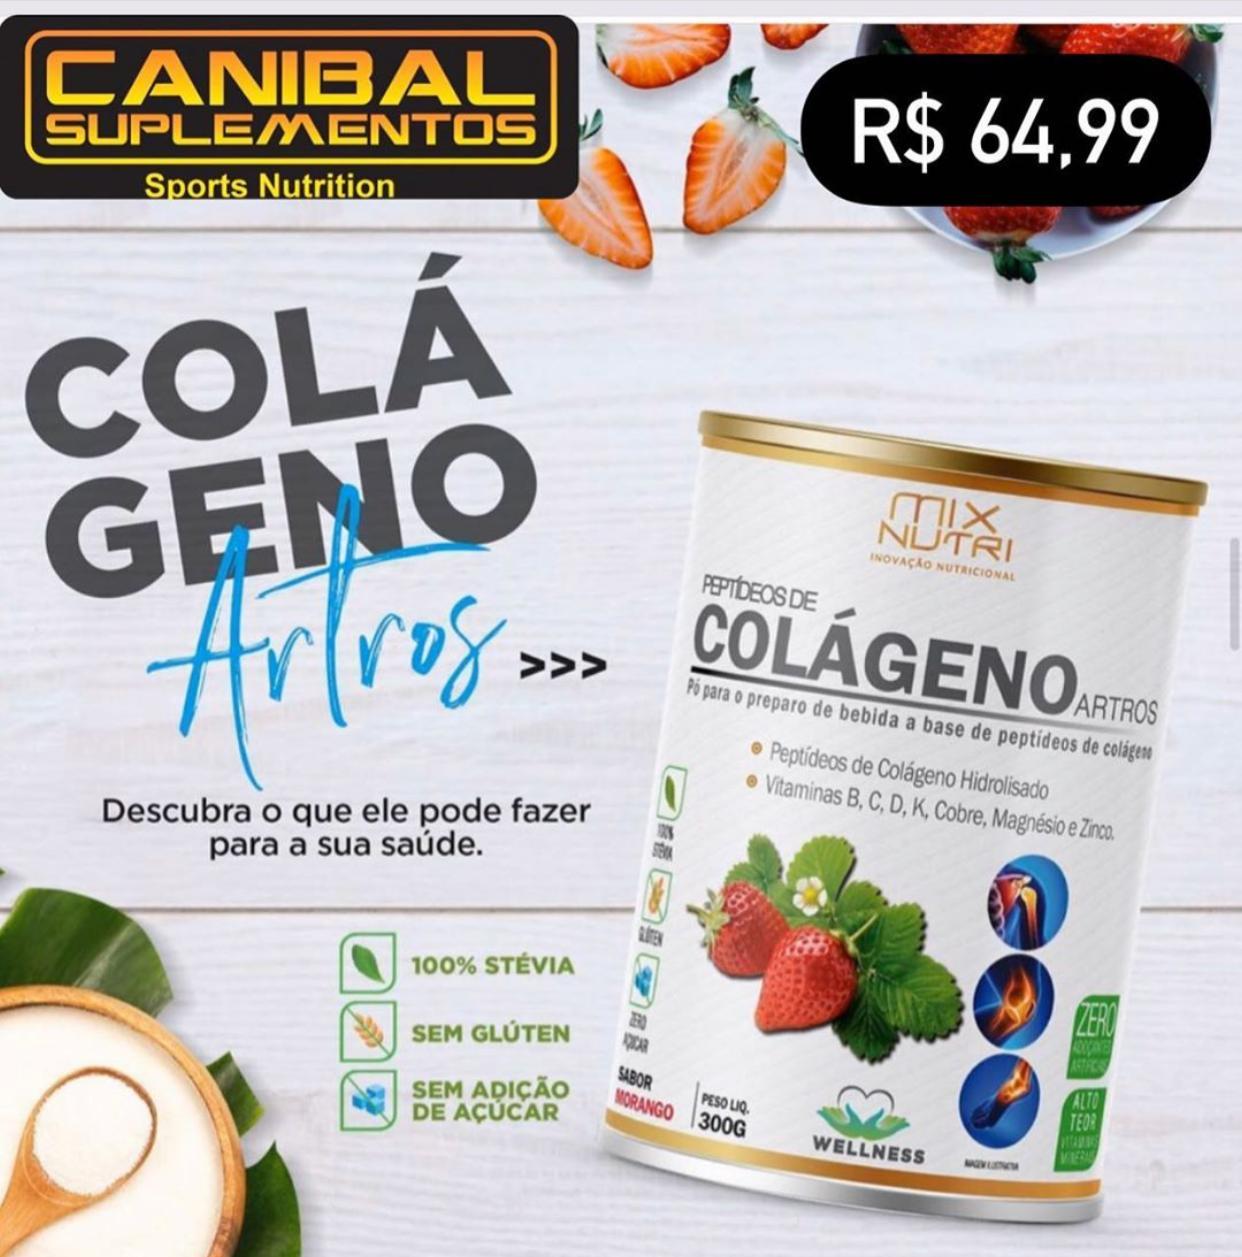 COLAGENO ARTROS